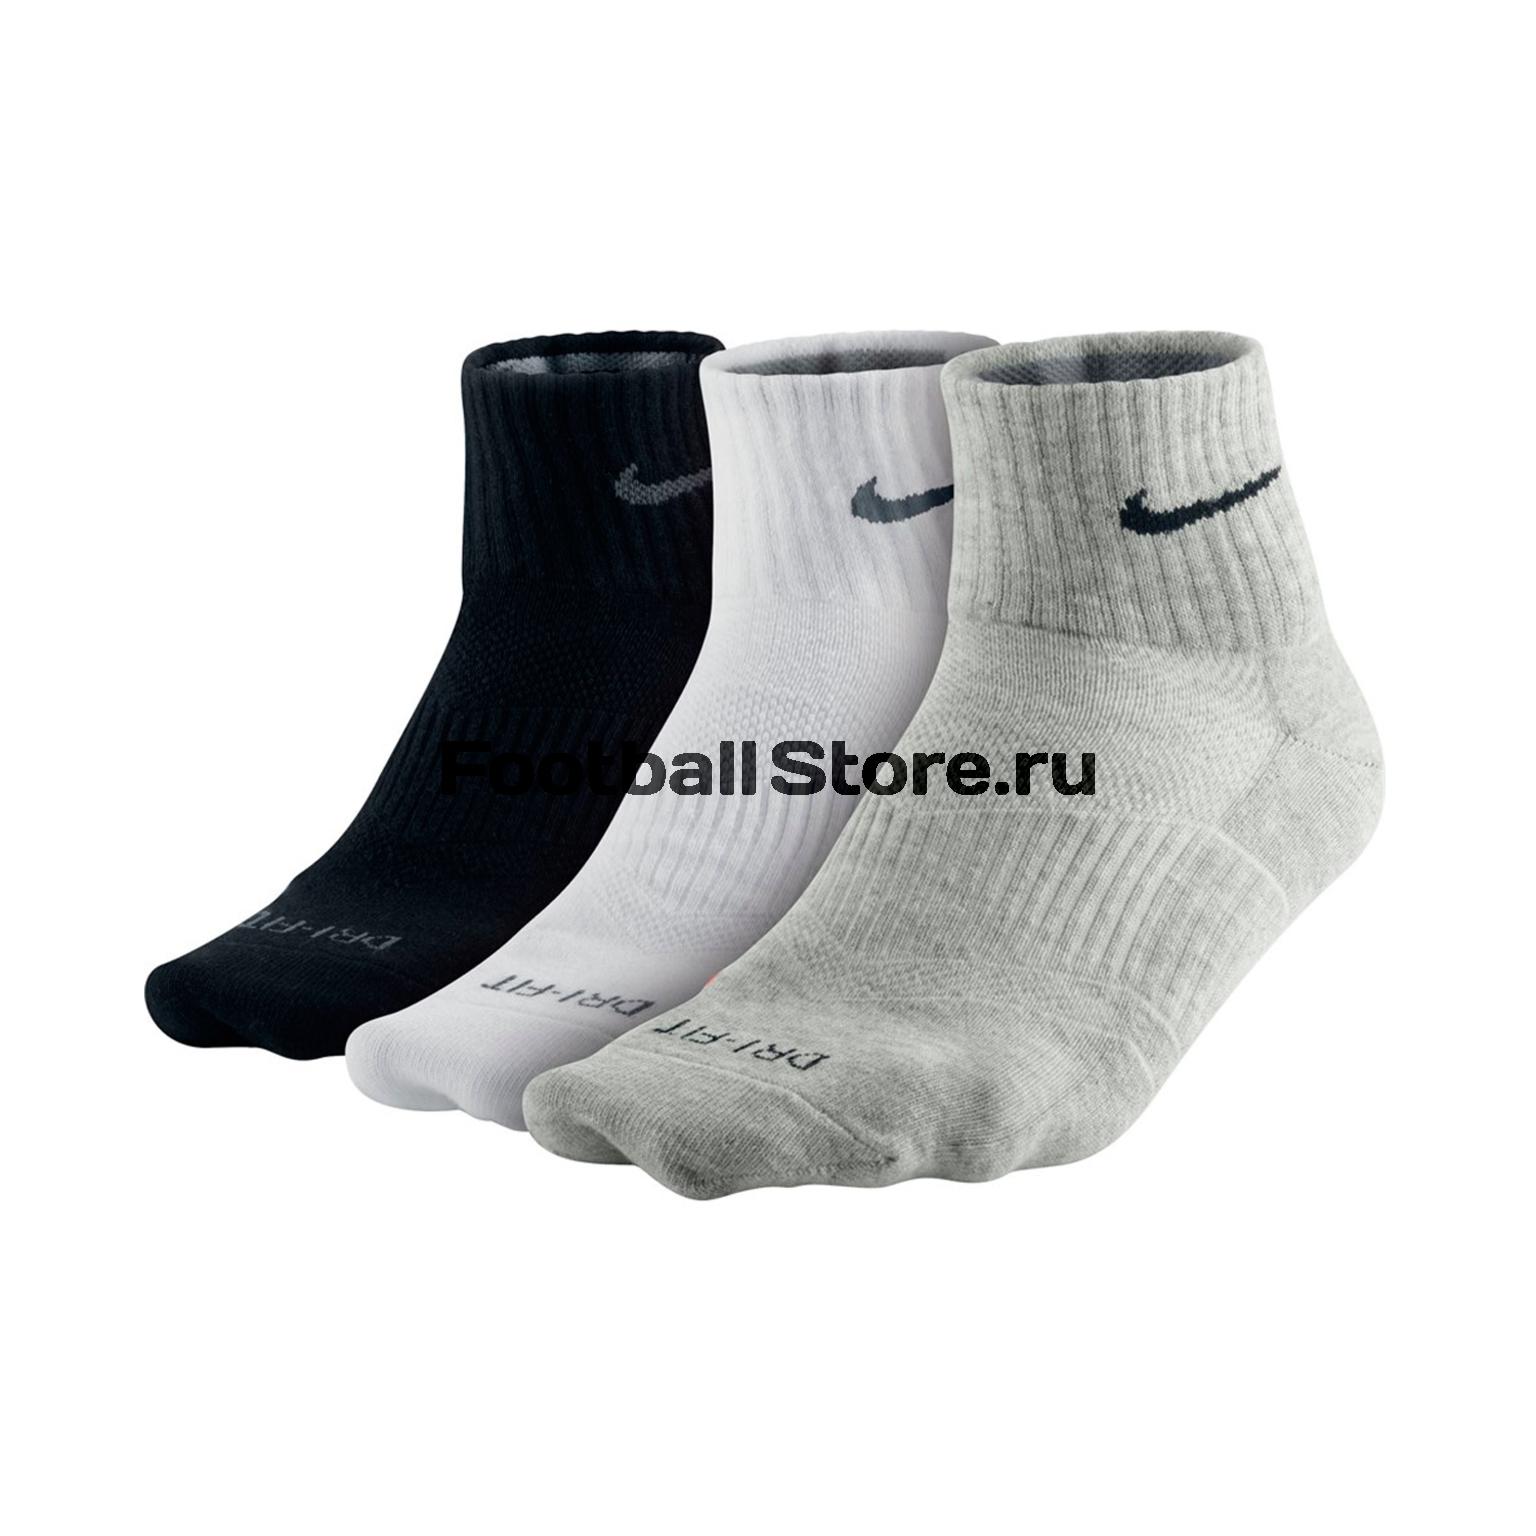 Носки Nike Комплект носков Nike 3PPK D-F Lightweight QTR SX4847-901